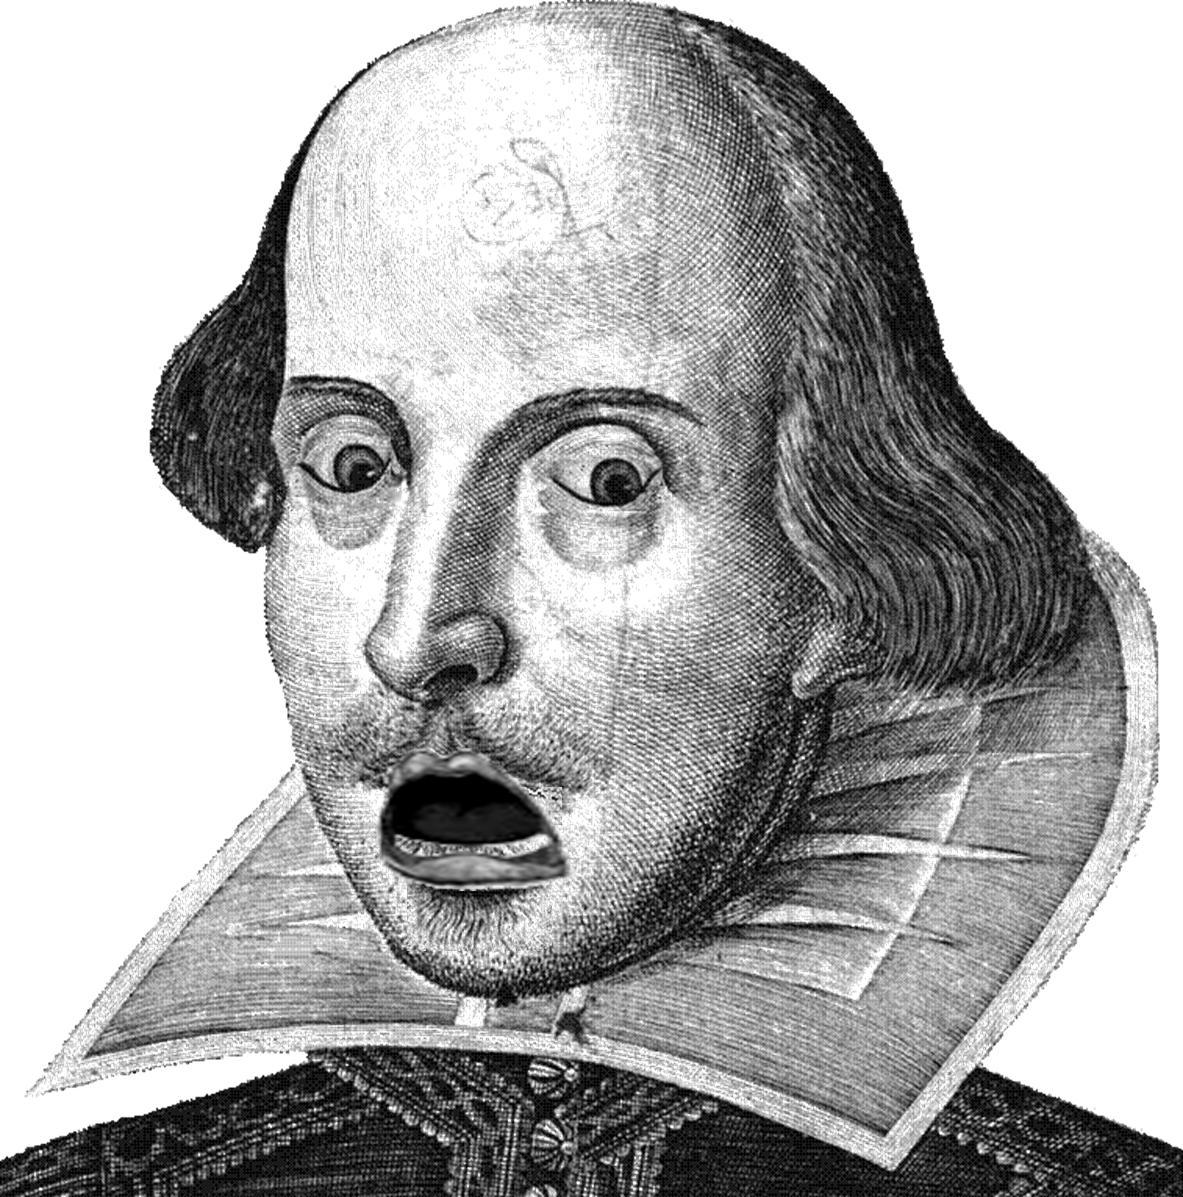 Meet My Cousin William Shakespeare